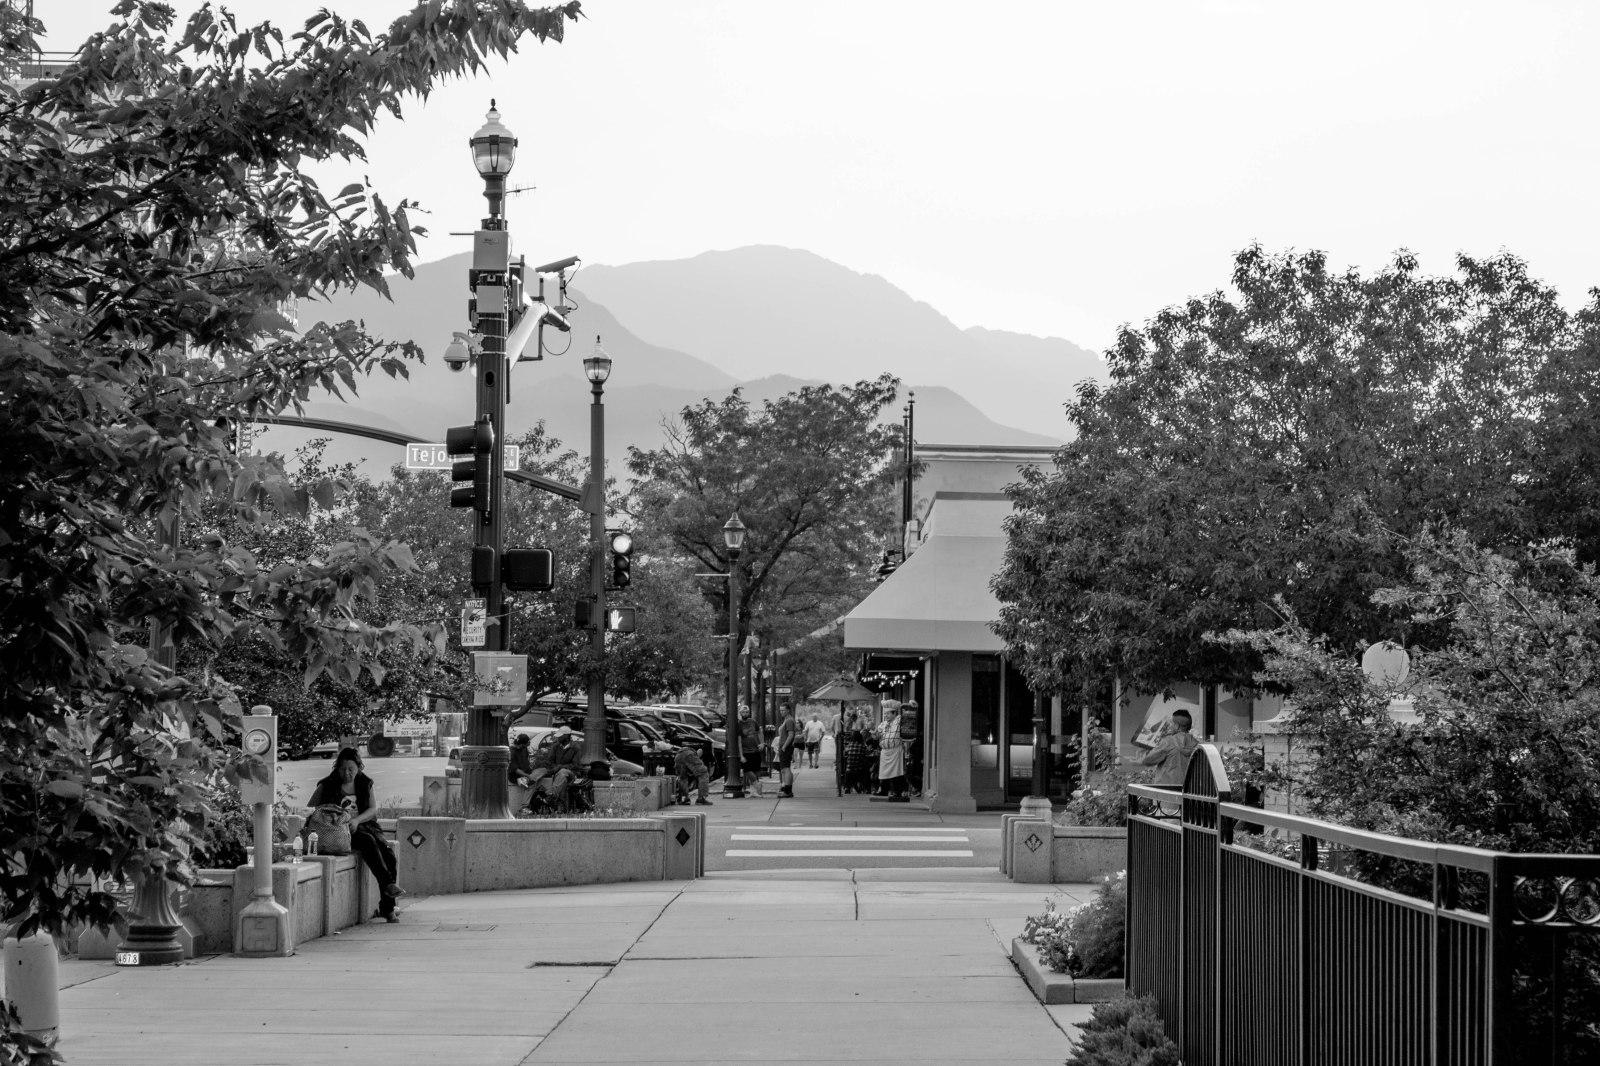 Downtown Colorado Springs, CO